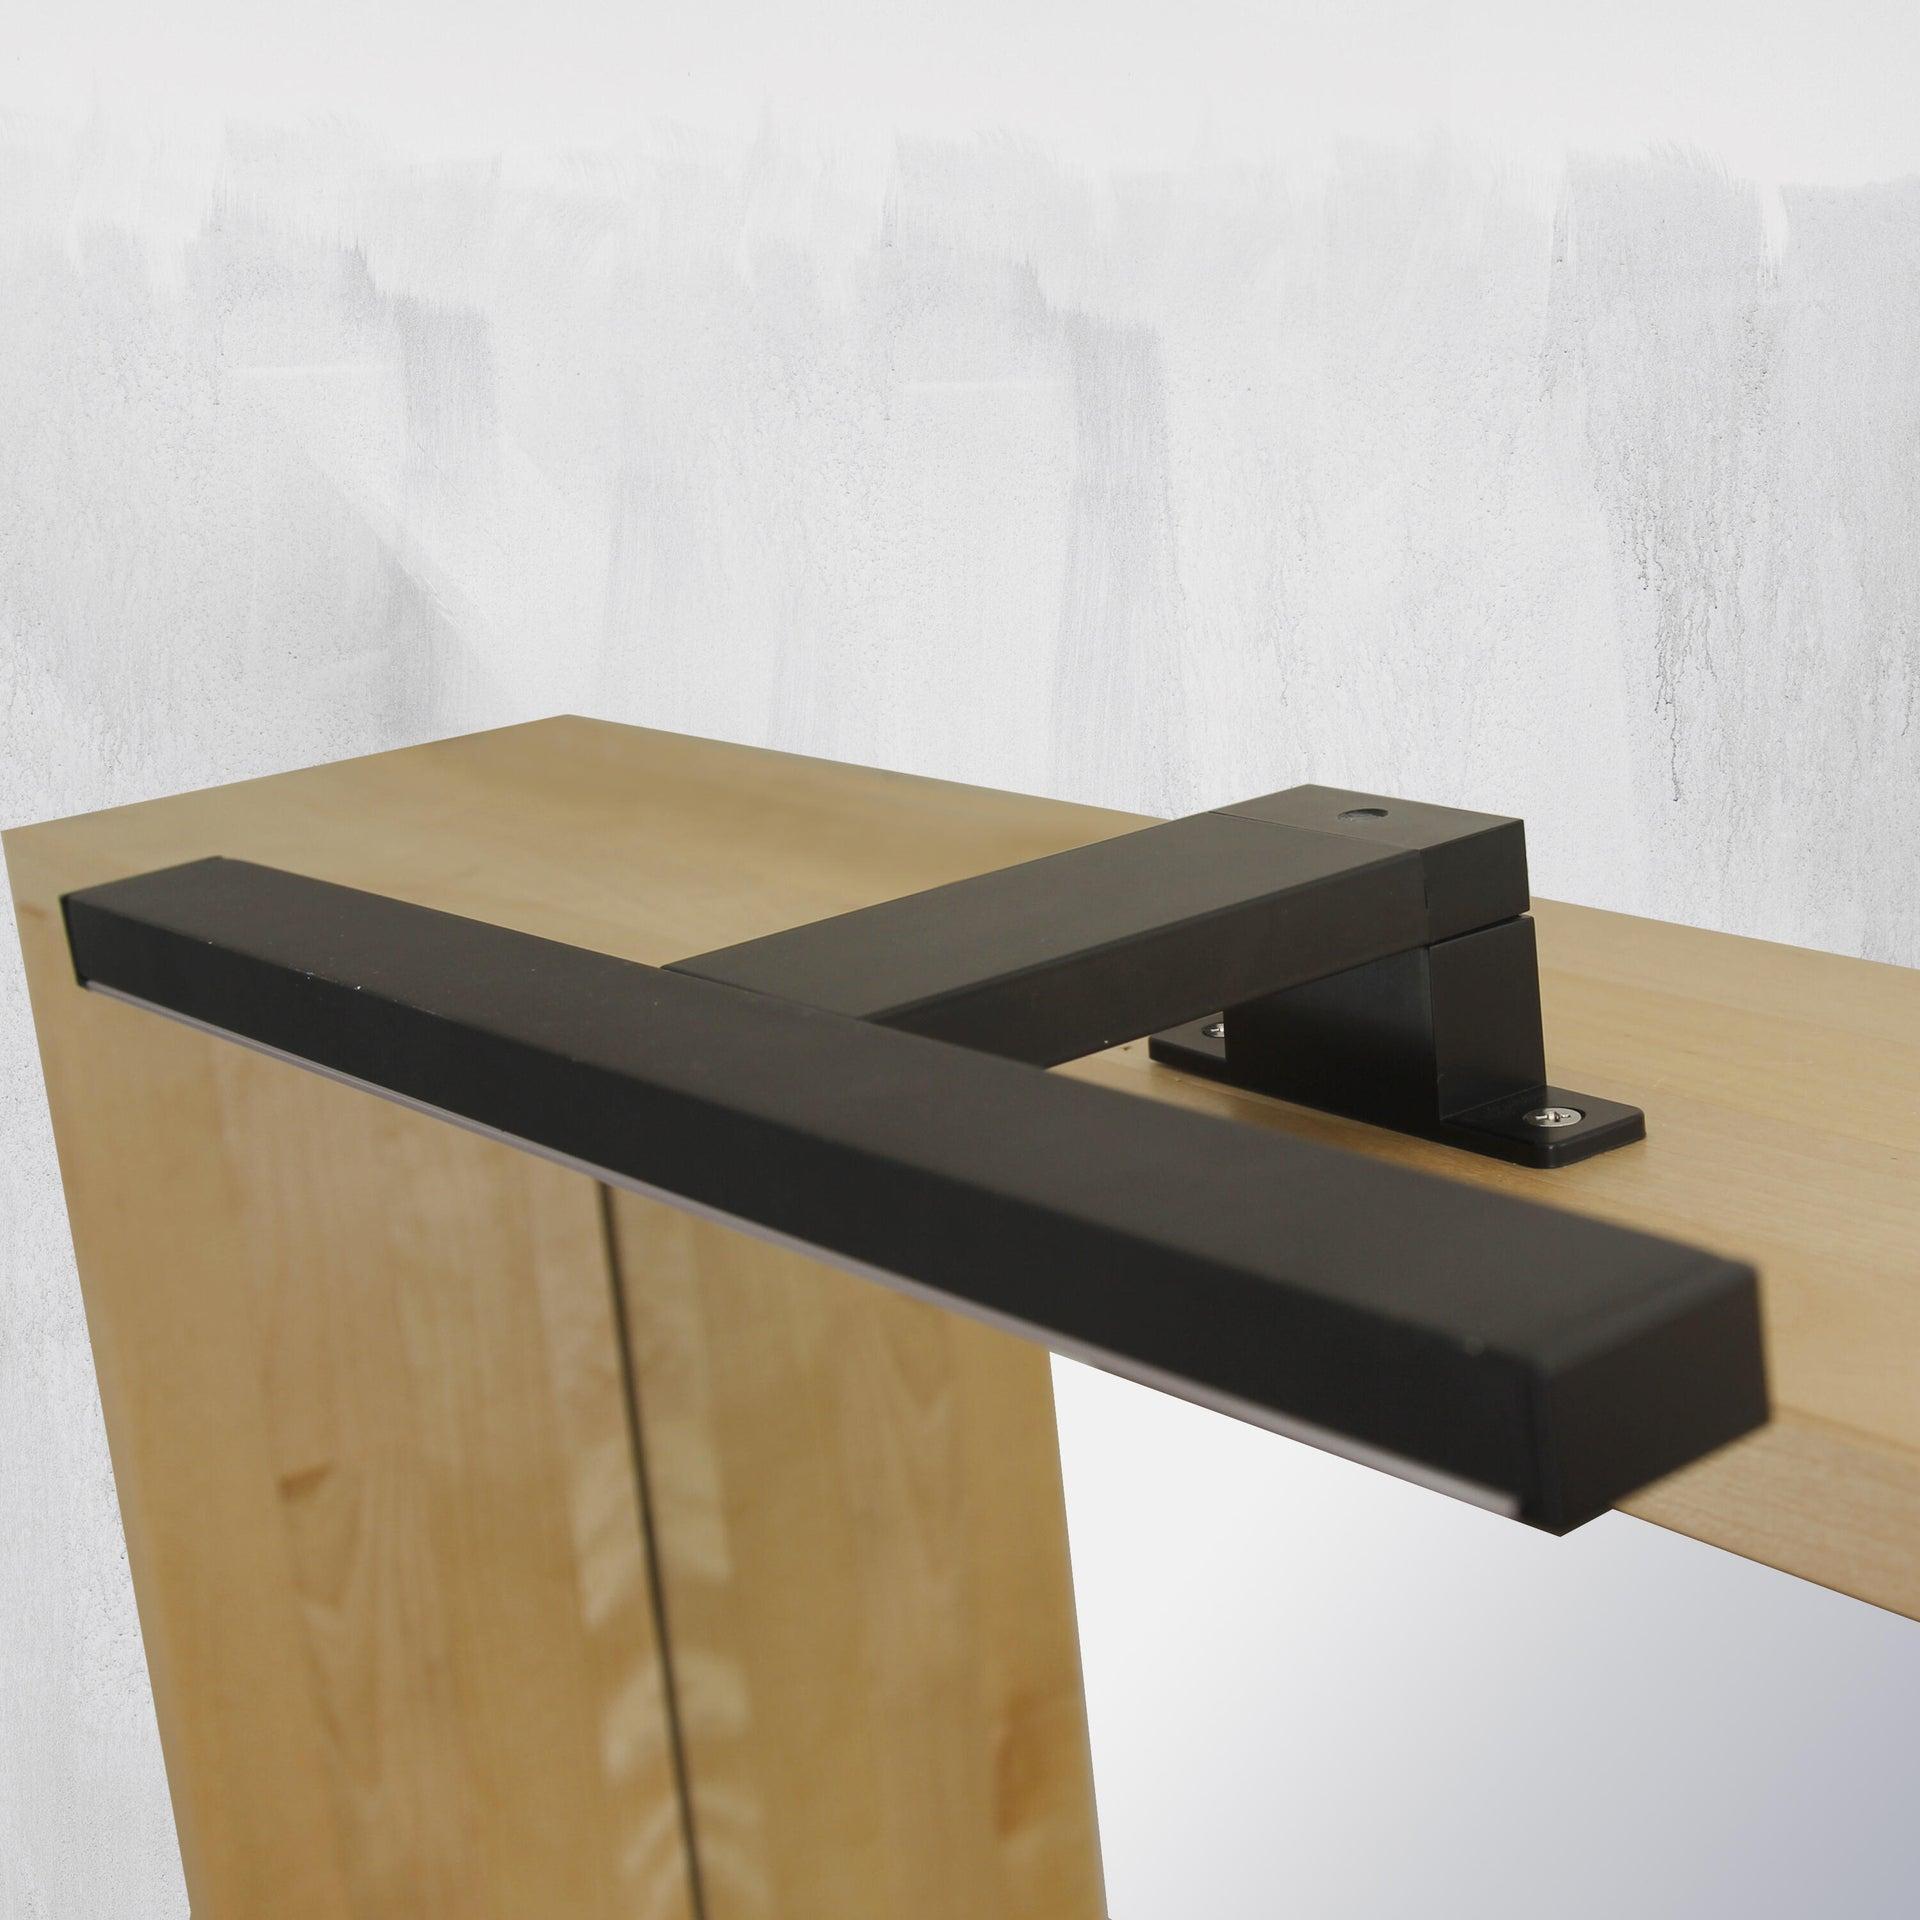 Applique moderno Slim con kit multi attacco , in alluminio, 50.0x50.0 cm, INSPIRE - 7